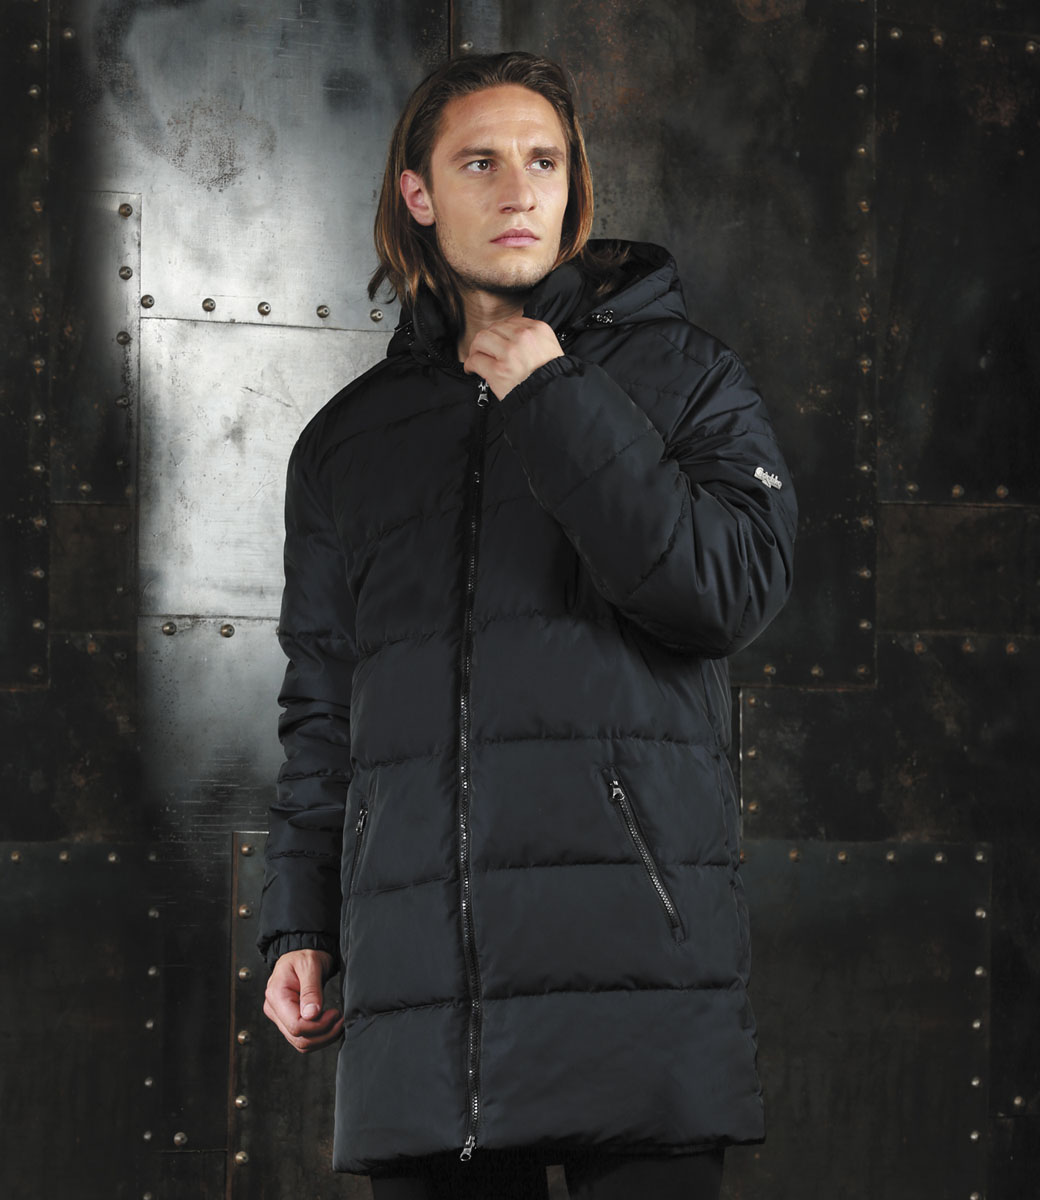 Куртка мужская Grishko, цвет: черный. AL-2976. Размер 50AL-2976Мужская удлинённая куртка Grishko, выполненная из полиамида, придаст образу безупречный стиль. Подкладка изготовлена из гладкого и приятного на ощупь материала. В качестве утеплителя используется полиэфирное волокно, который отлично сохраняет тепло.Куртка прямого кроя с капюшоном и воротником-стойкой застегивается на застежку-молнию с двумя бегунками. С внутренней стороны расположена ветрозащитная планка. Край капюшона дополнен шнурком-кулиской. Низ рукавов собран на резинку. Спереди расположено два прорезных кармана на застежке-молнии, с внутренней стороны - прорезной карман на молнии. Изделие оформлено фирменным логотипом.Такая практичная и теплая куртка послужит отличным дополнением к вашему гардеробу!